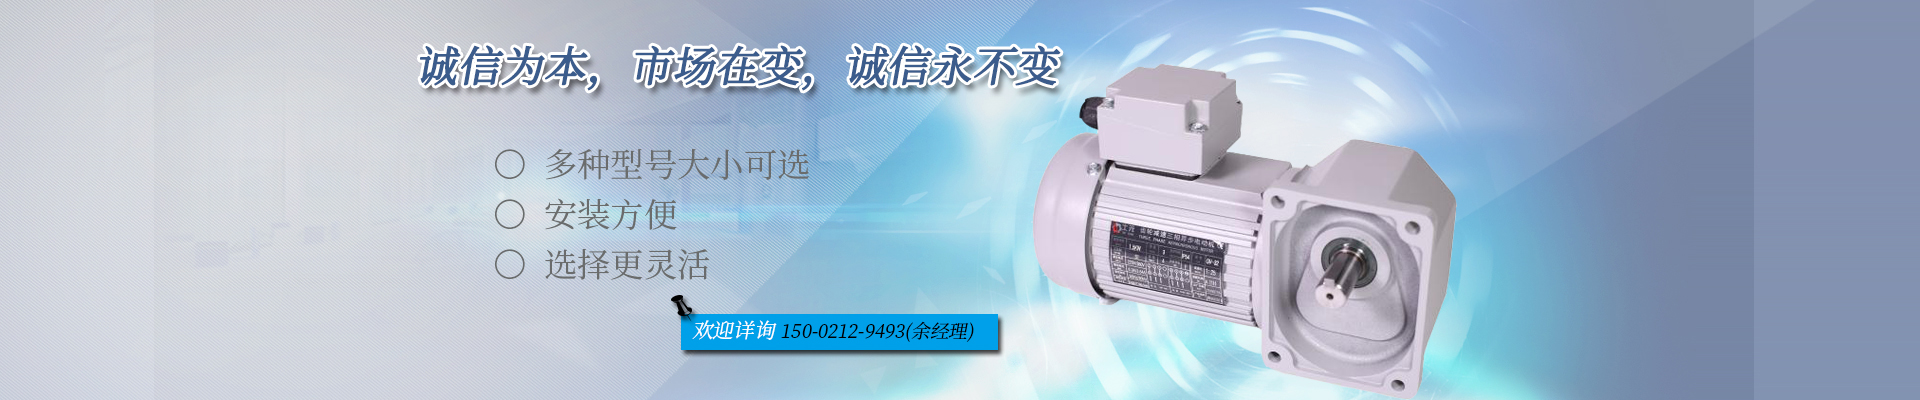 上海宏拓机电设备有限公司